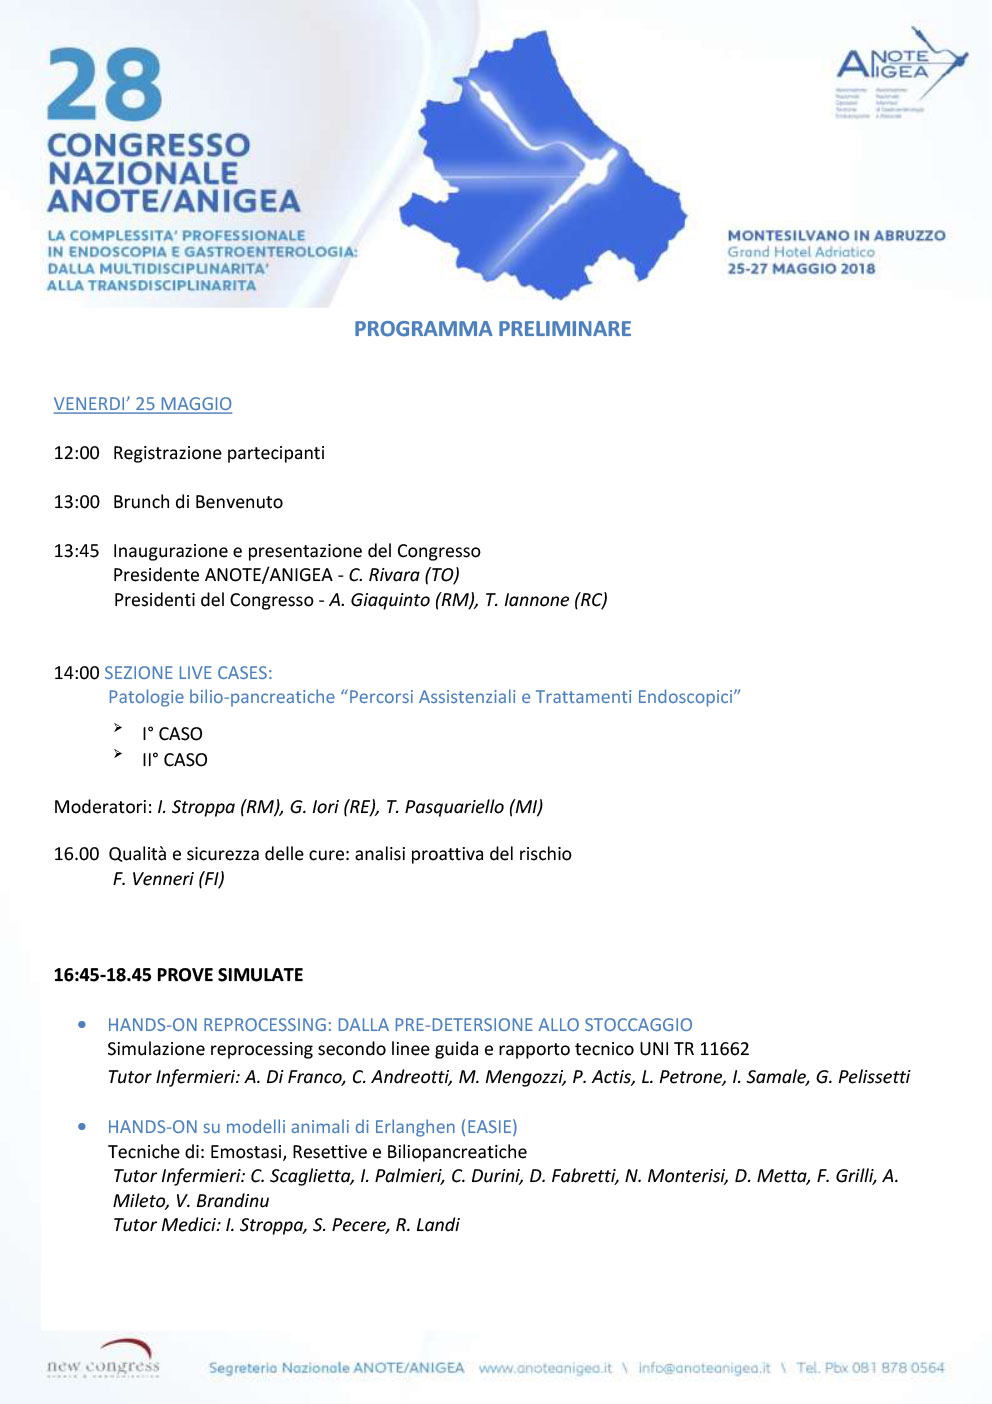 Programma Congresso Nazionale Anote/Anigea